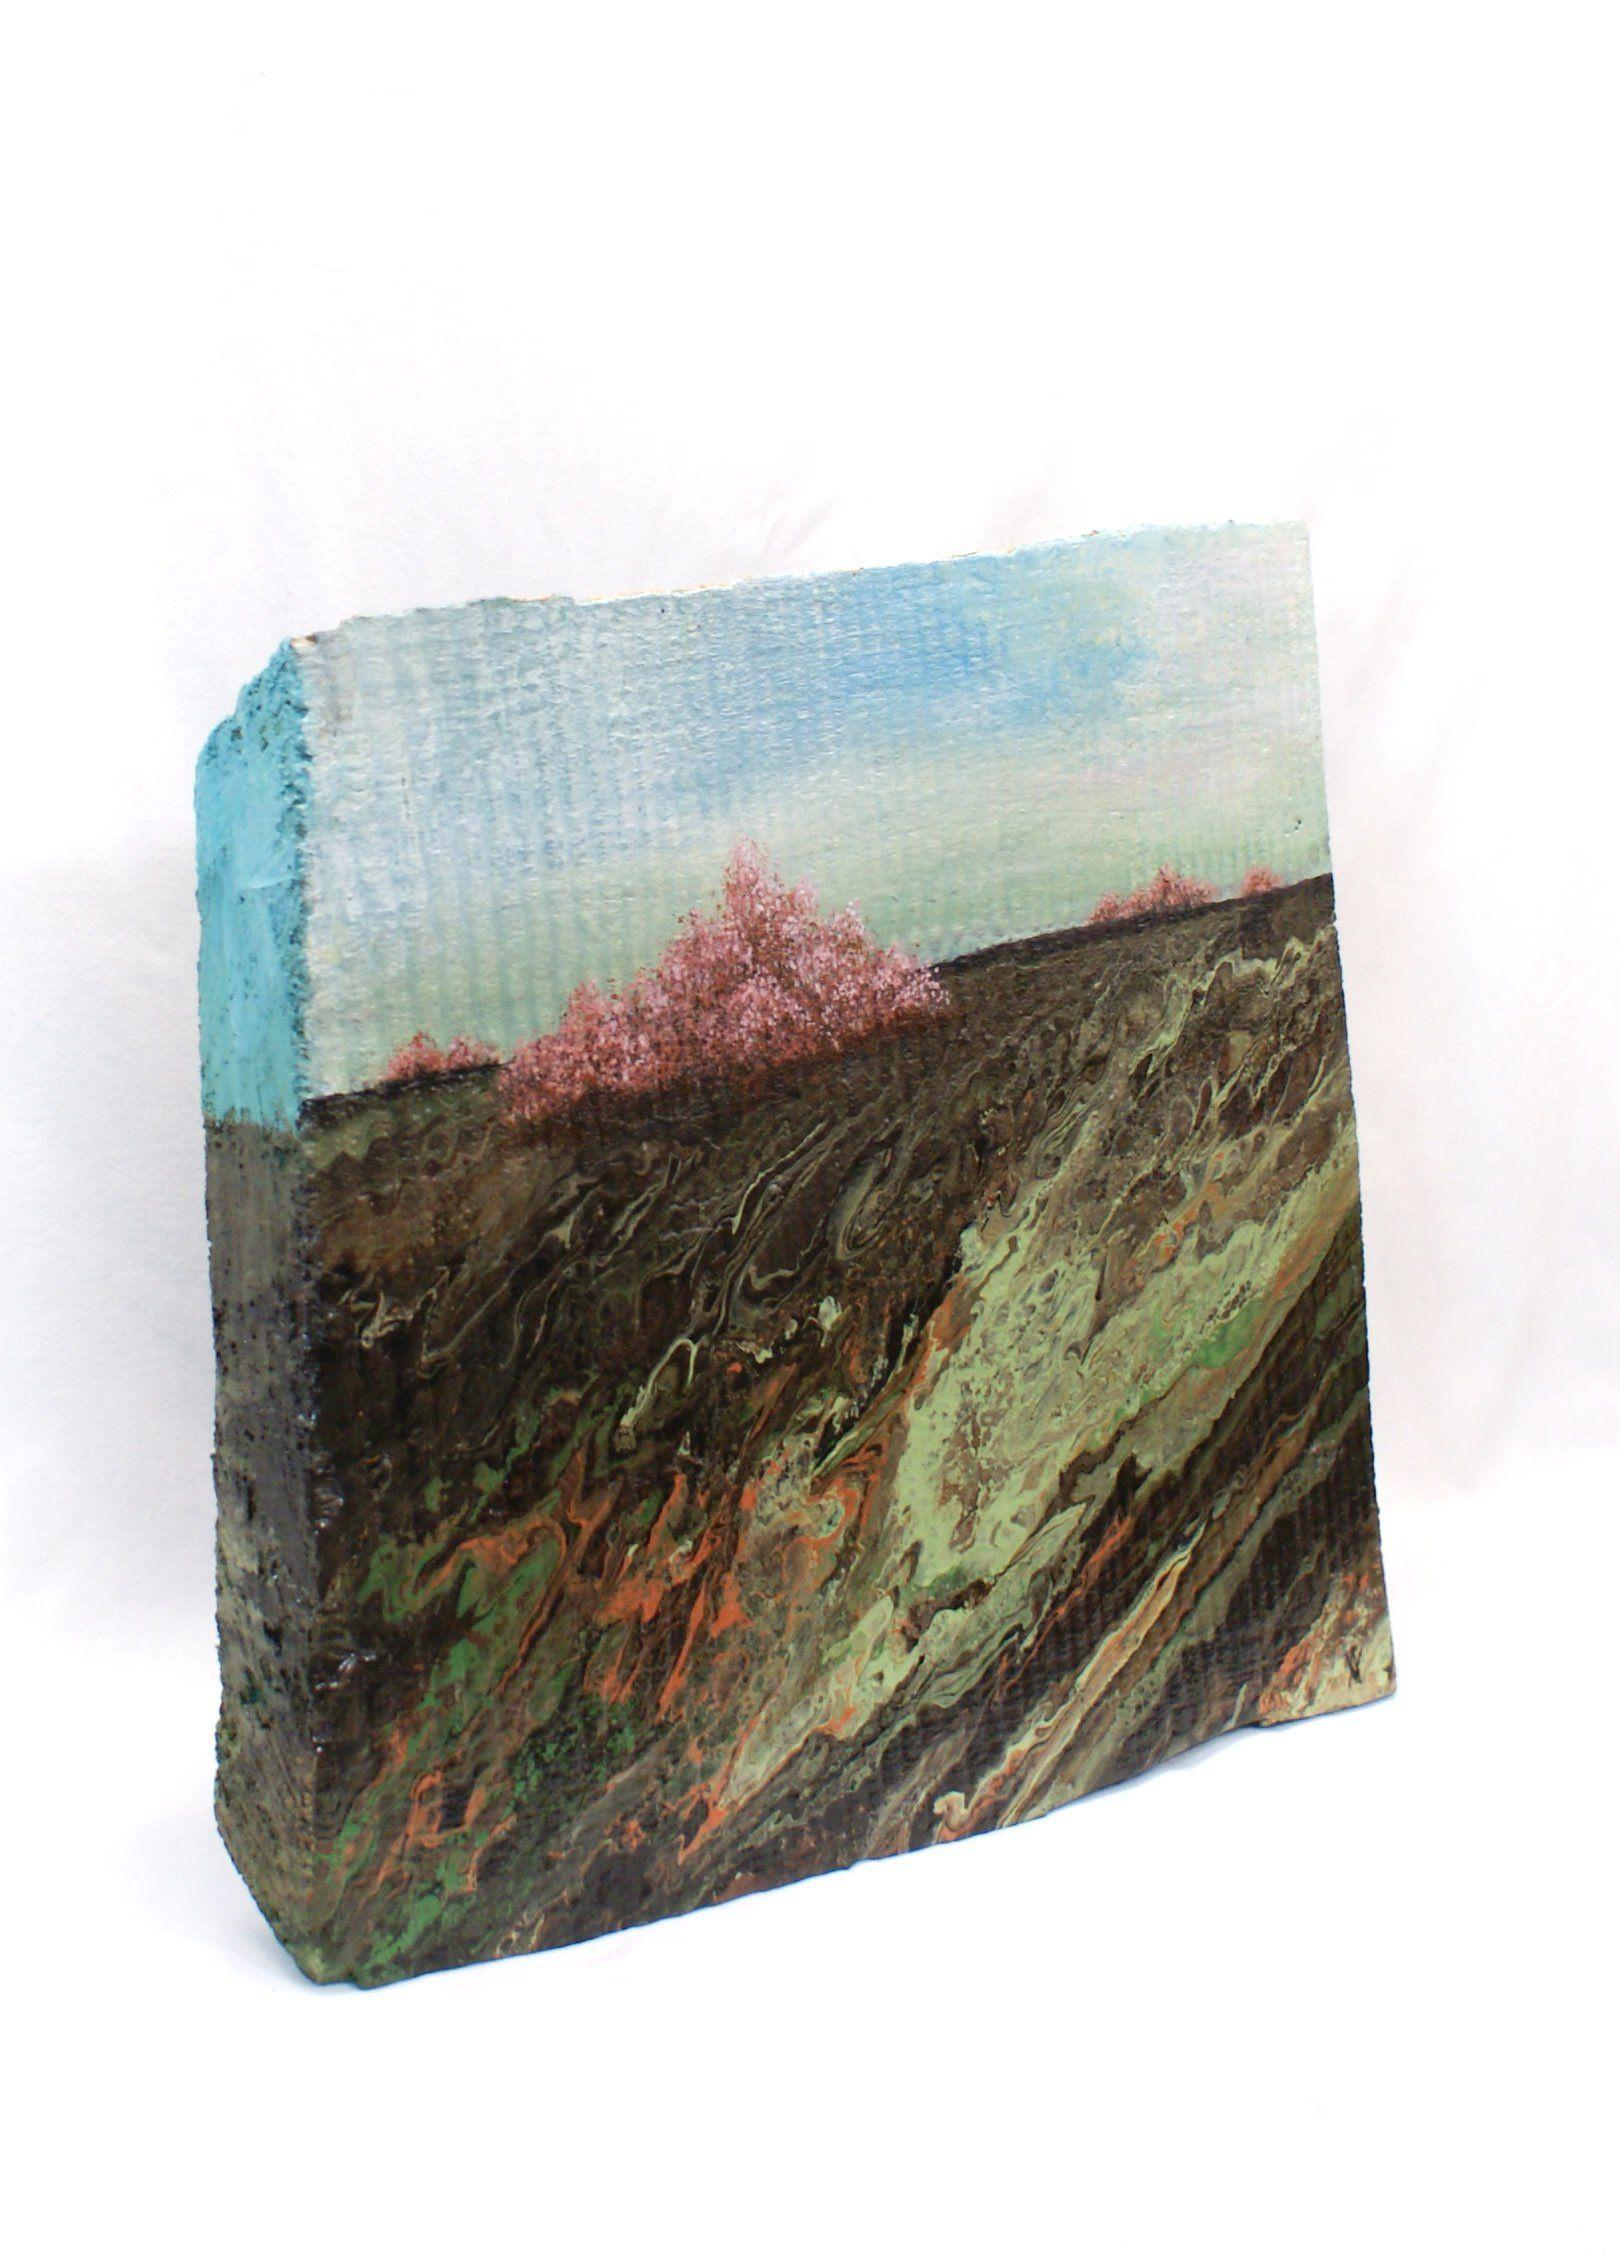 Kleines Holz Bild Mit Landschaft Abstrakte Malerei Erdschichten